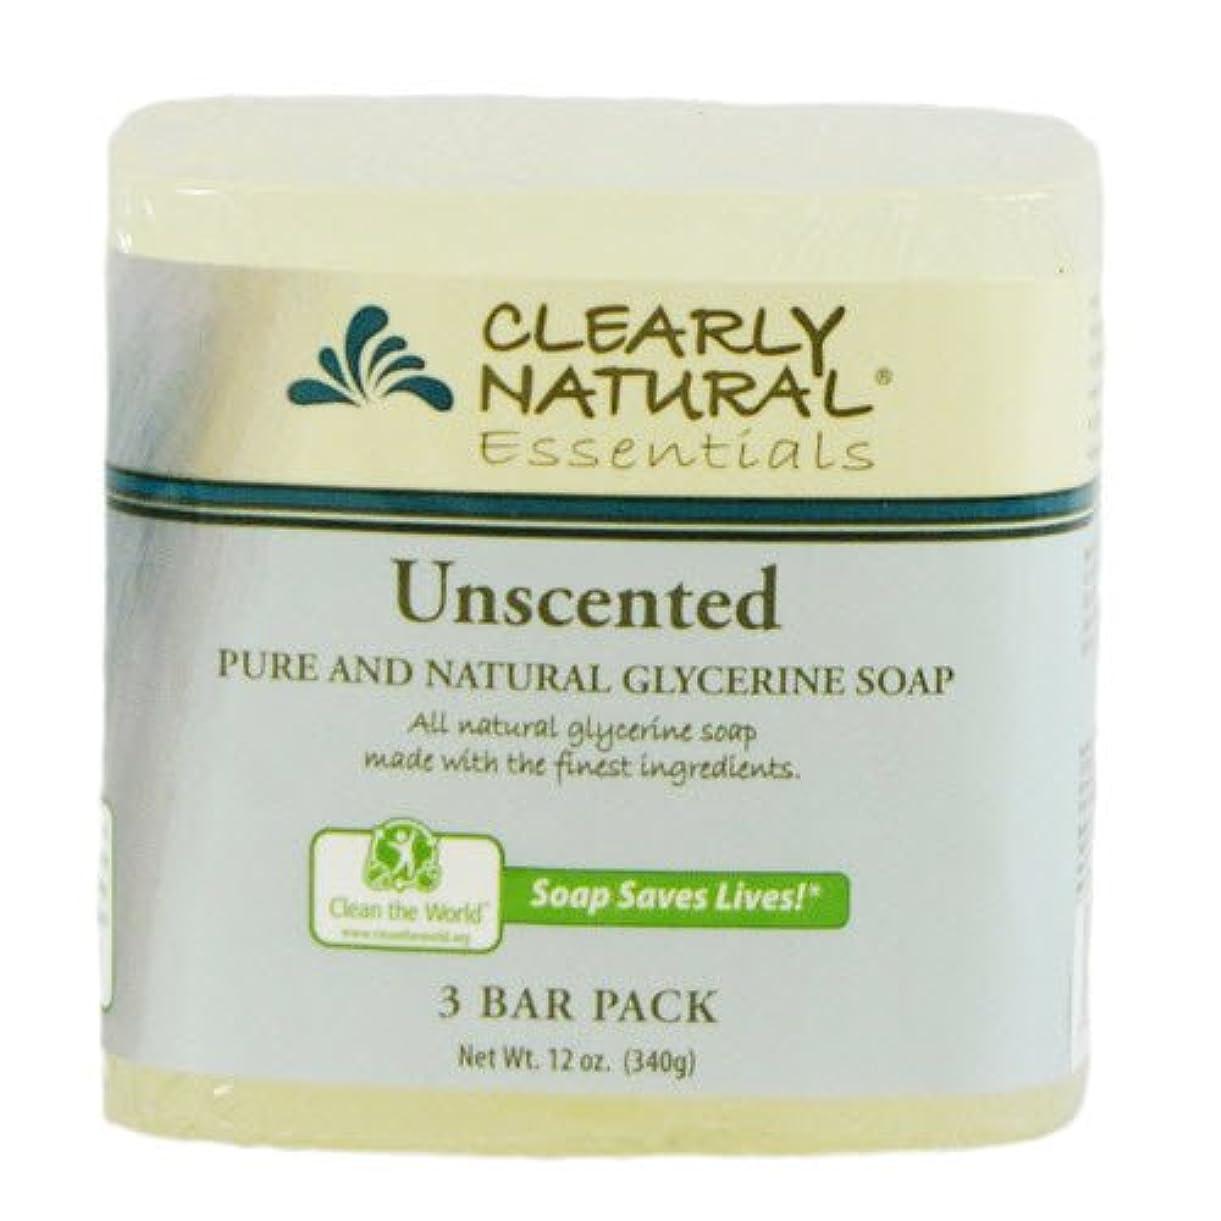 負荷マエストロラフトClearly Natural, Pure and Natural Glycerine Soap, Unscented, 3 Bar Pack, 4 oz Each